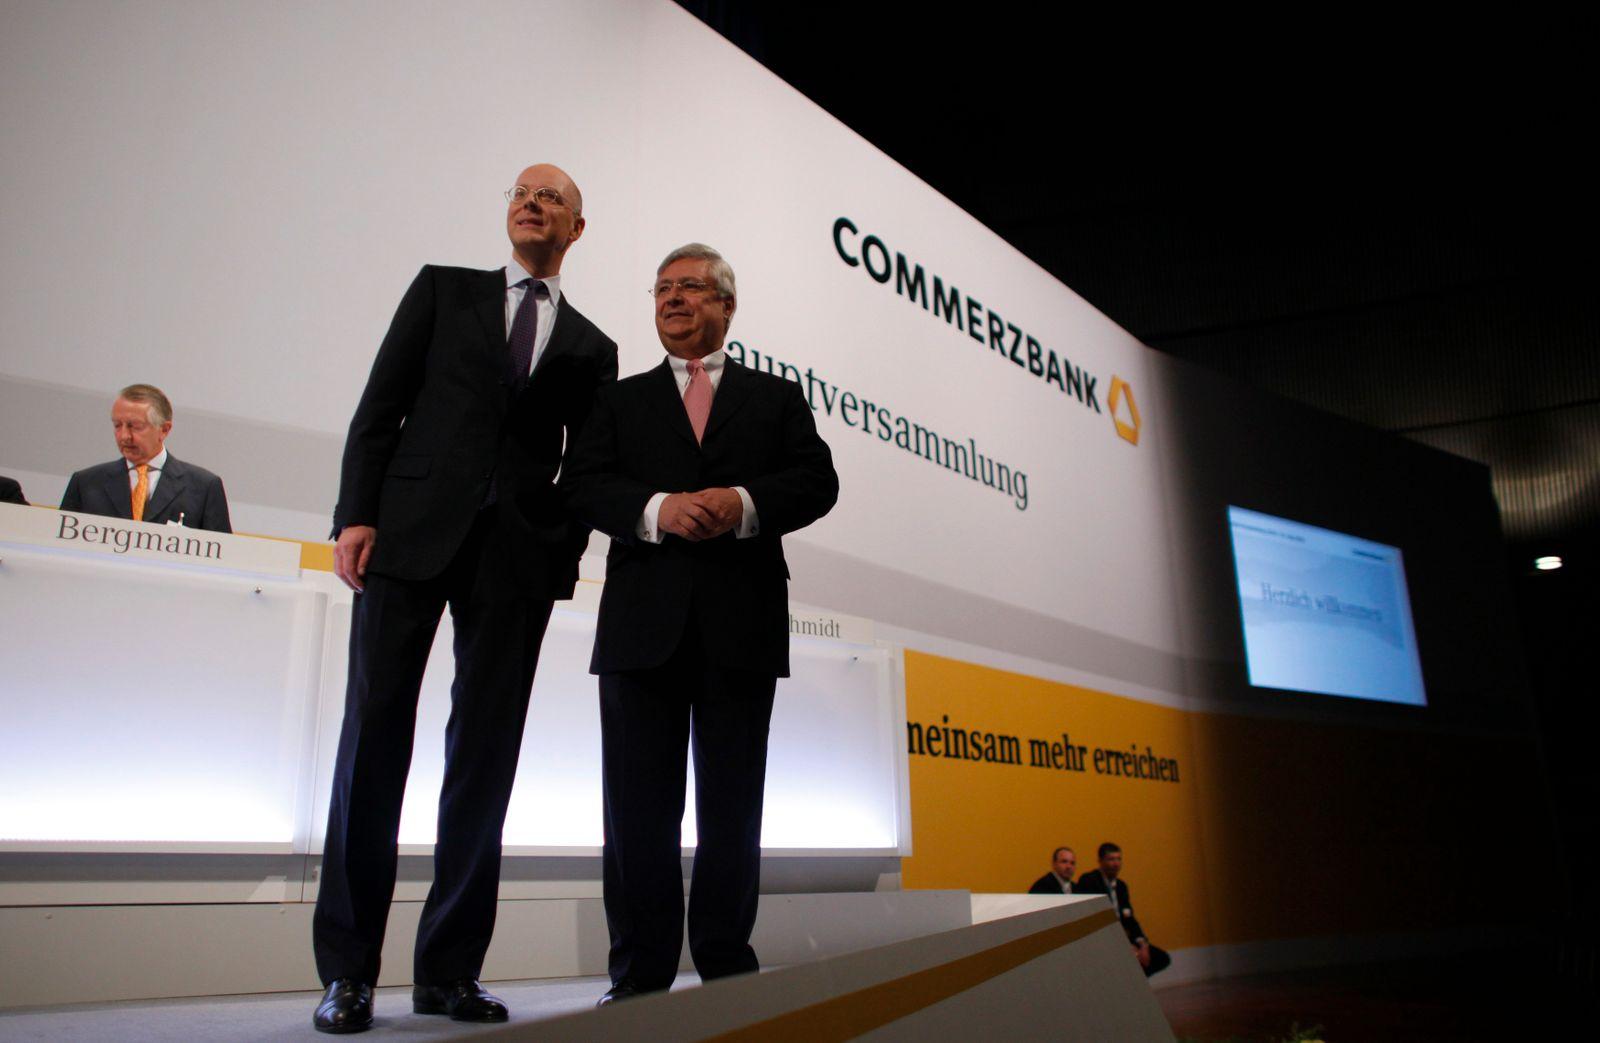 THEMEN Wirtschaft Commerzbank